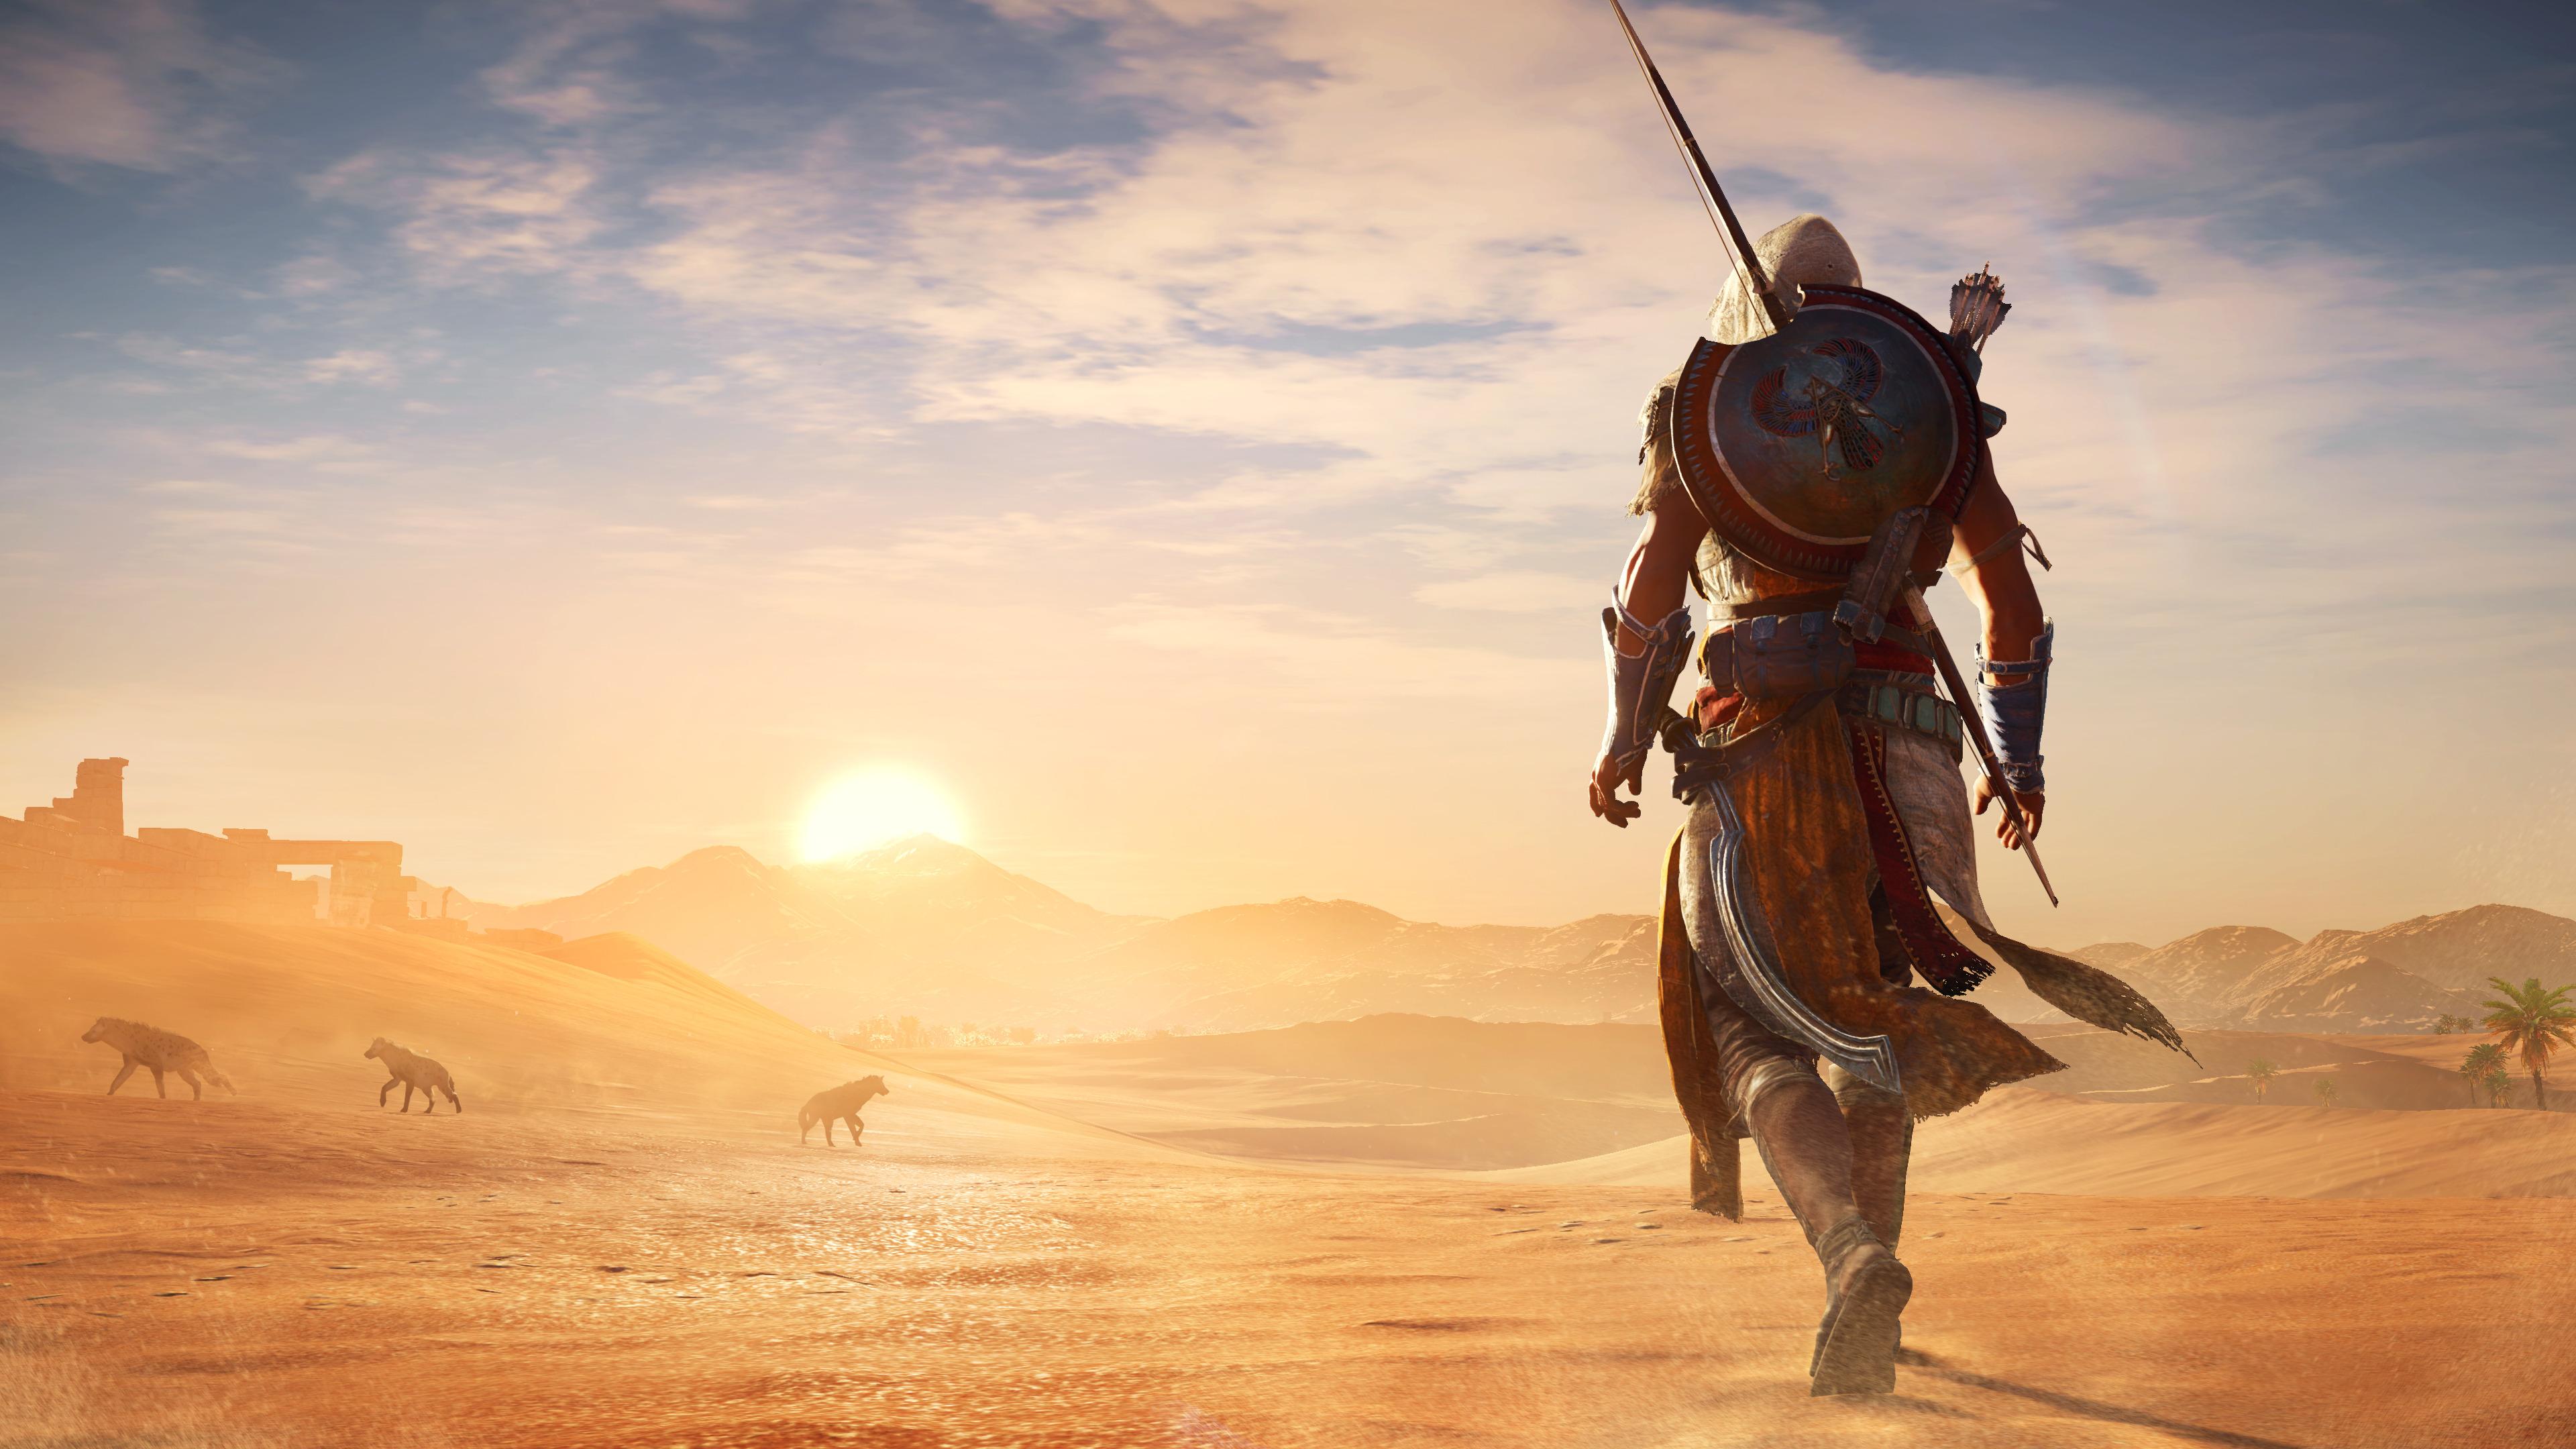 Воин в доспехах и копьем в пустыне в золотых лучах заходящего солнца